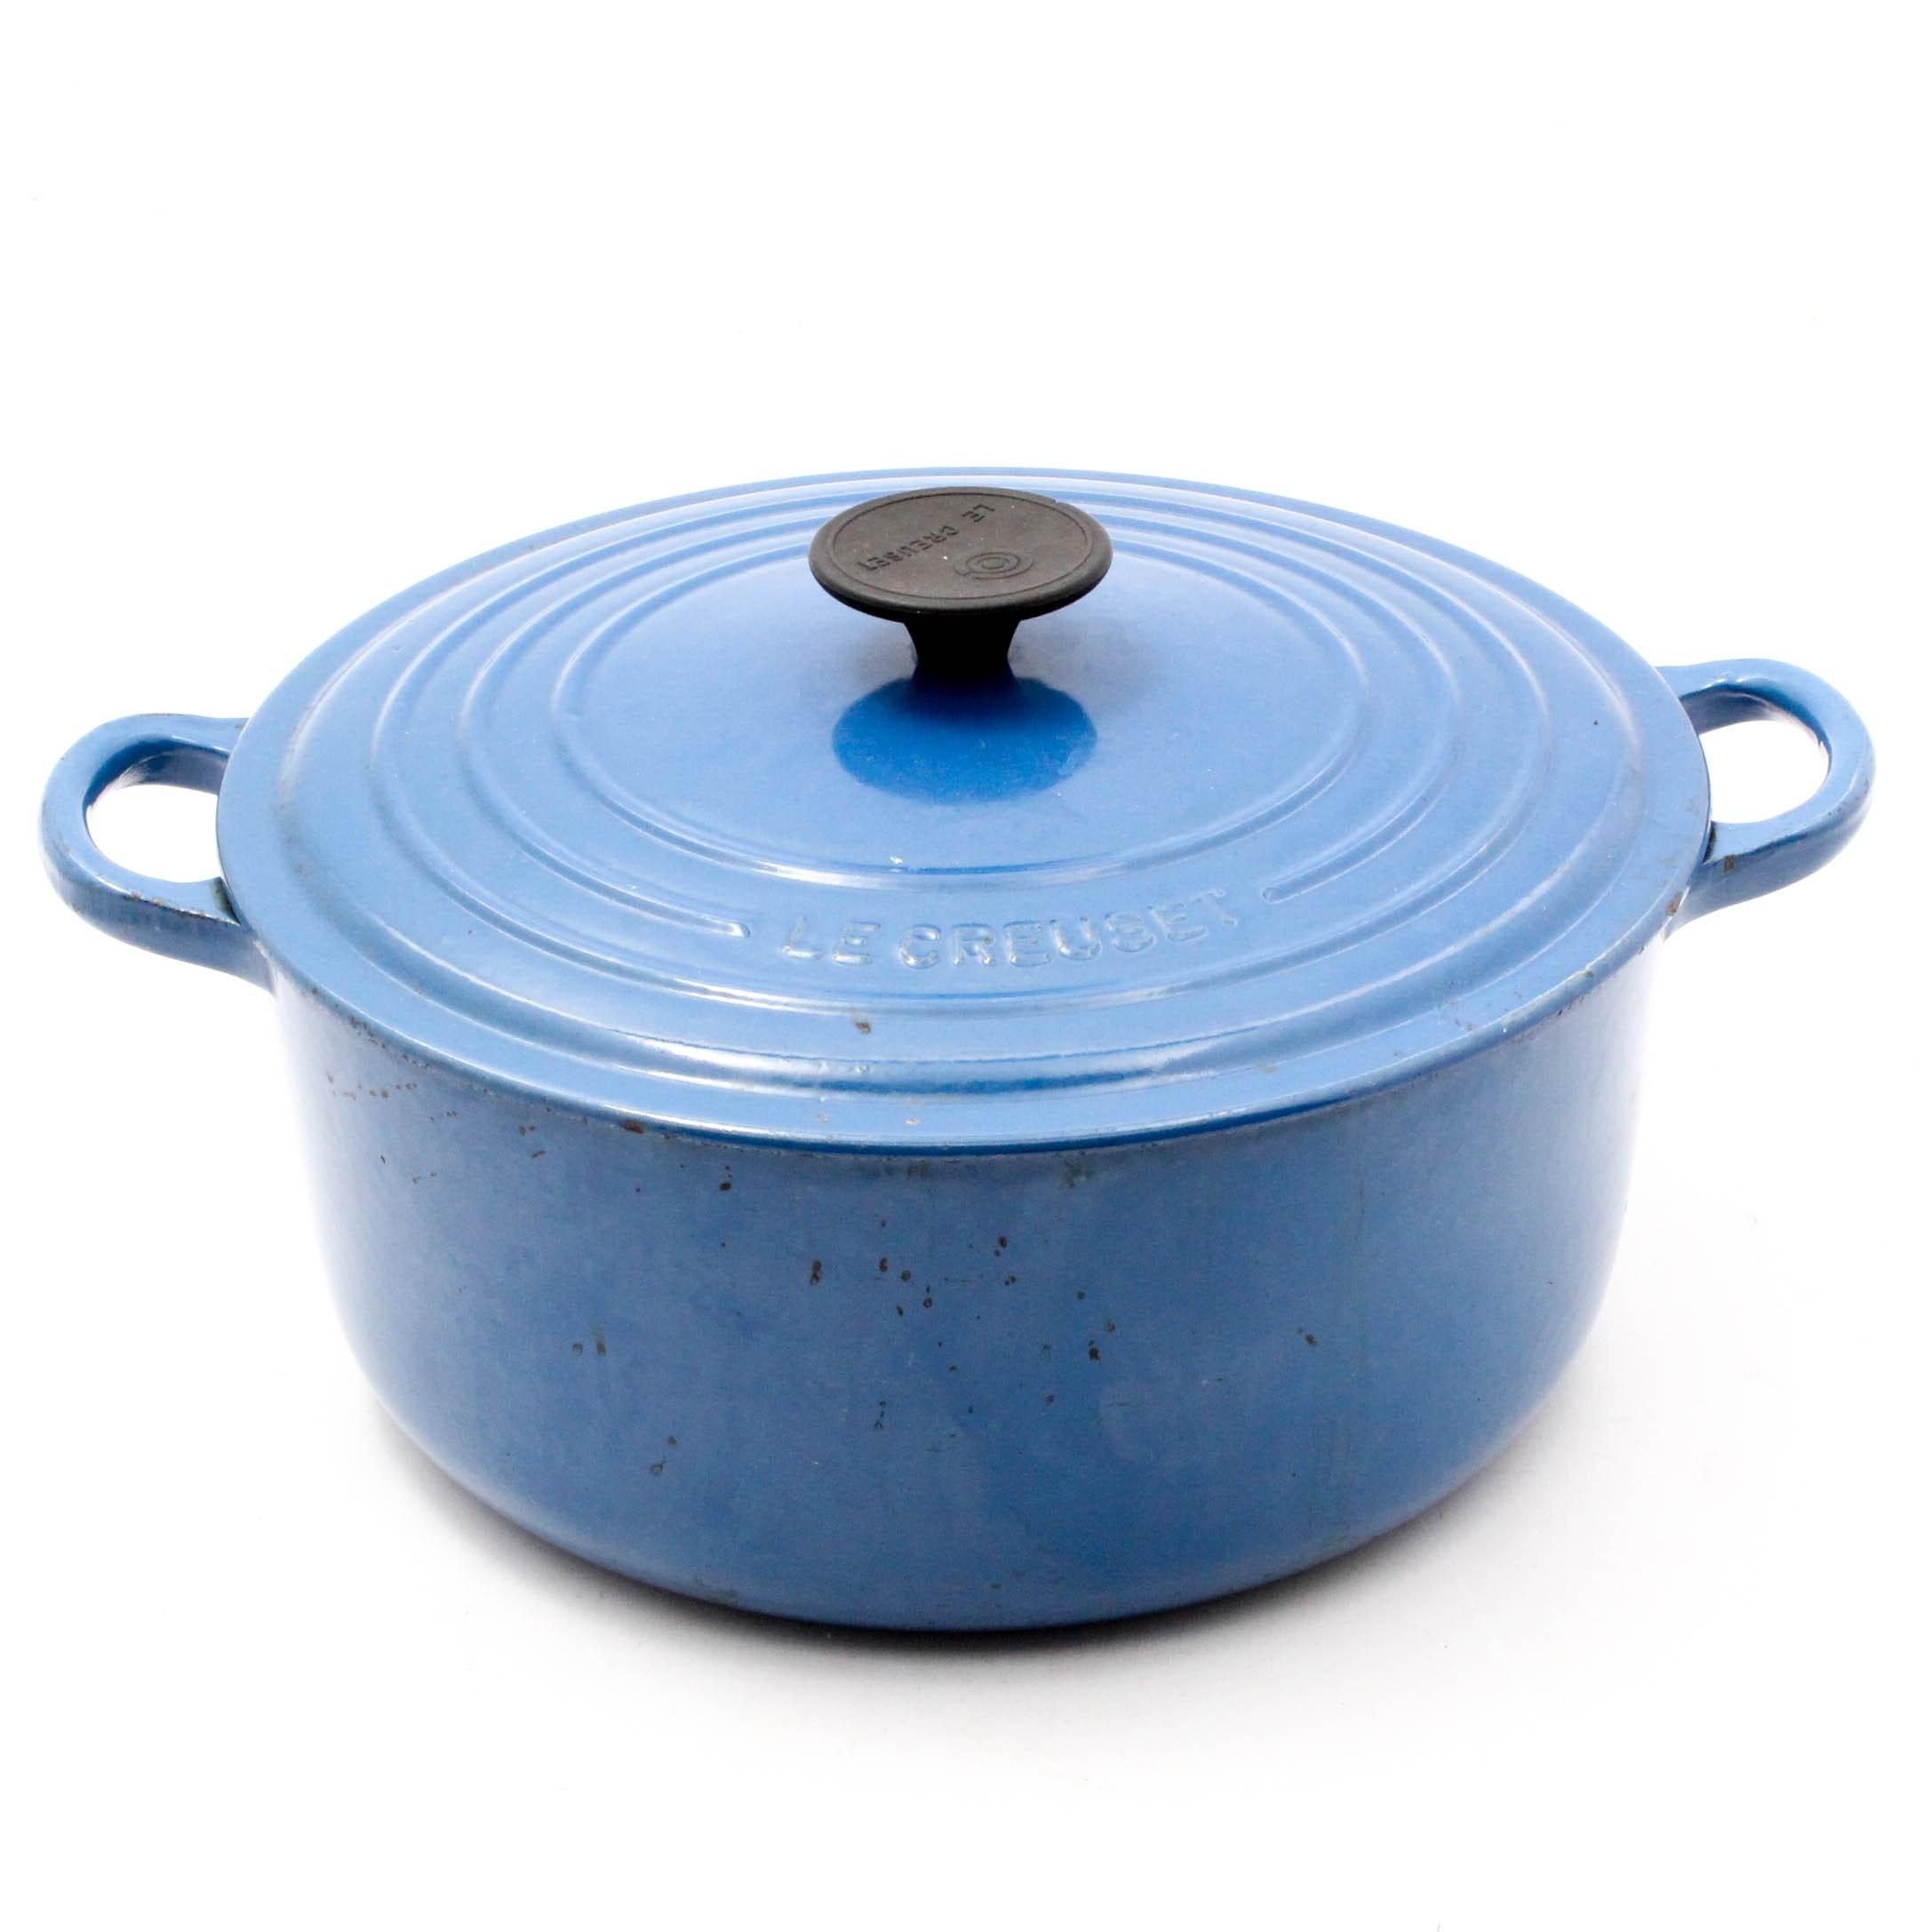 Le Creuset Blue Enameled Cast Iron Dutch Oven